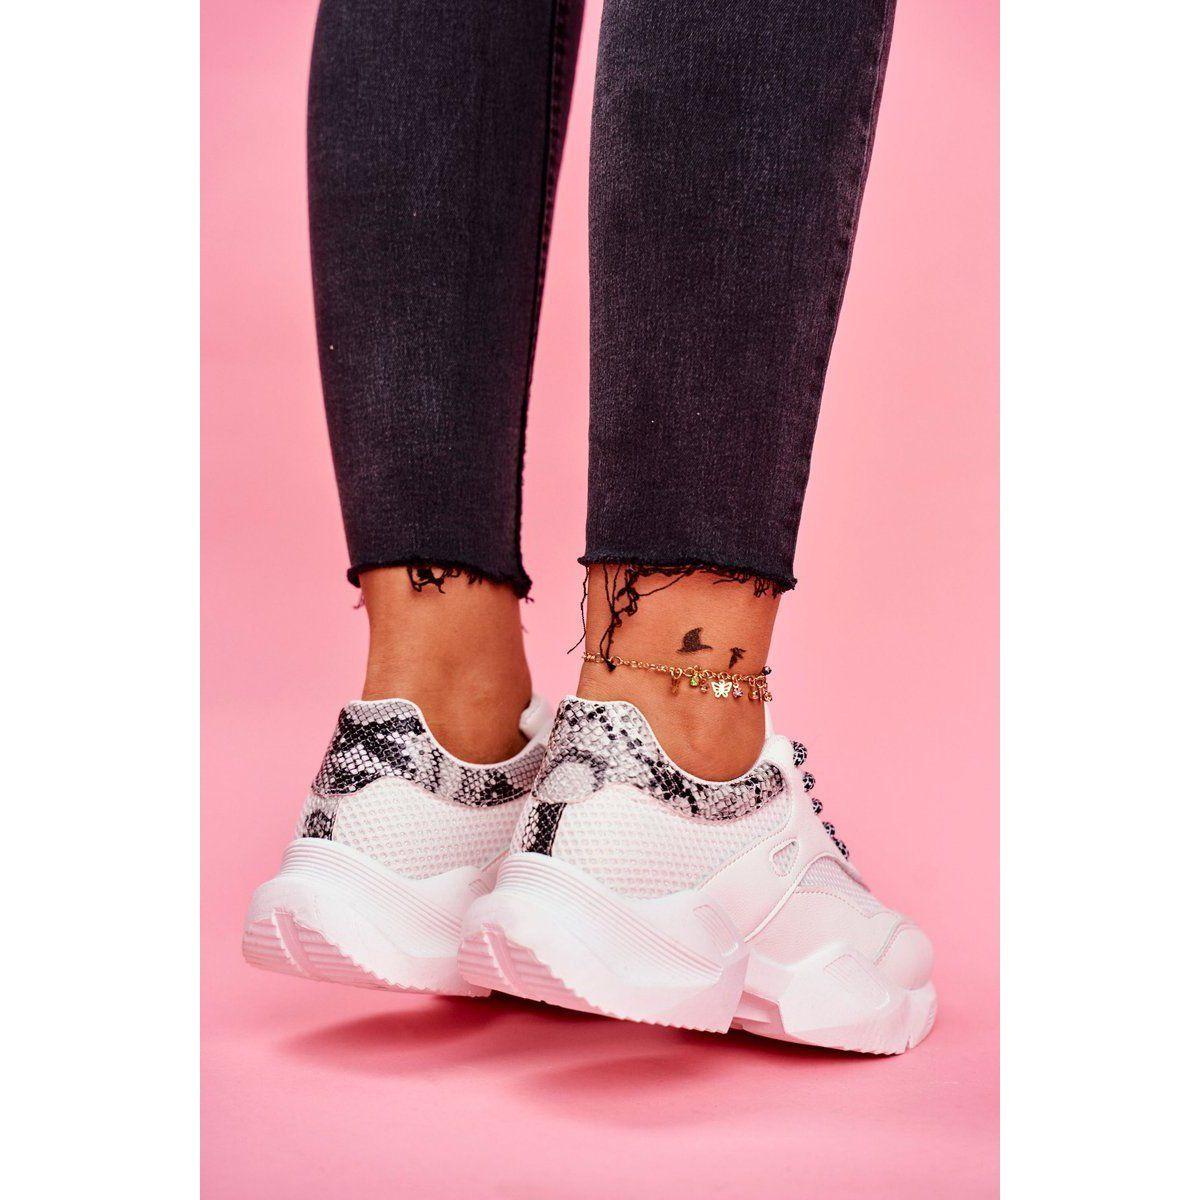 Ps1 Sportowe Damskie Buty Wezowe Biale Giselle Wedge Sneaker Fashion Shoes